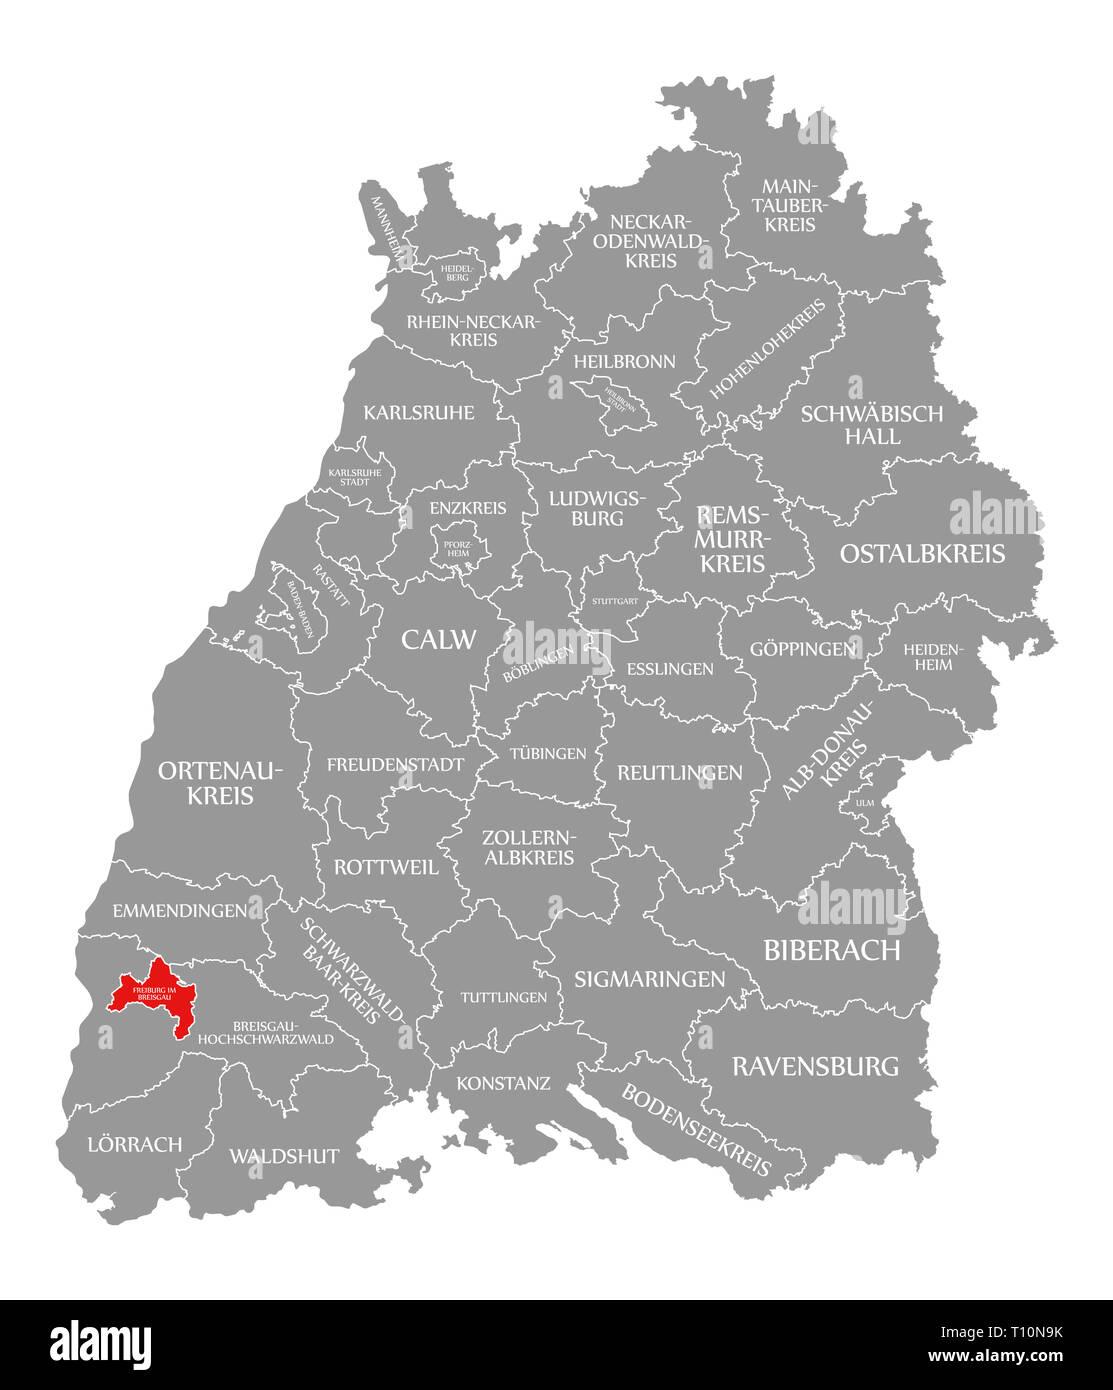 Freiburg Karte.Freiburg Im Breisgau County In Rot Hervorgehoben Karte Von